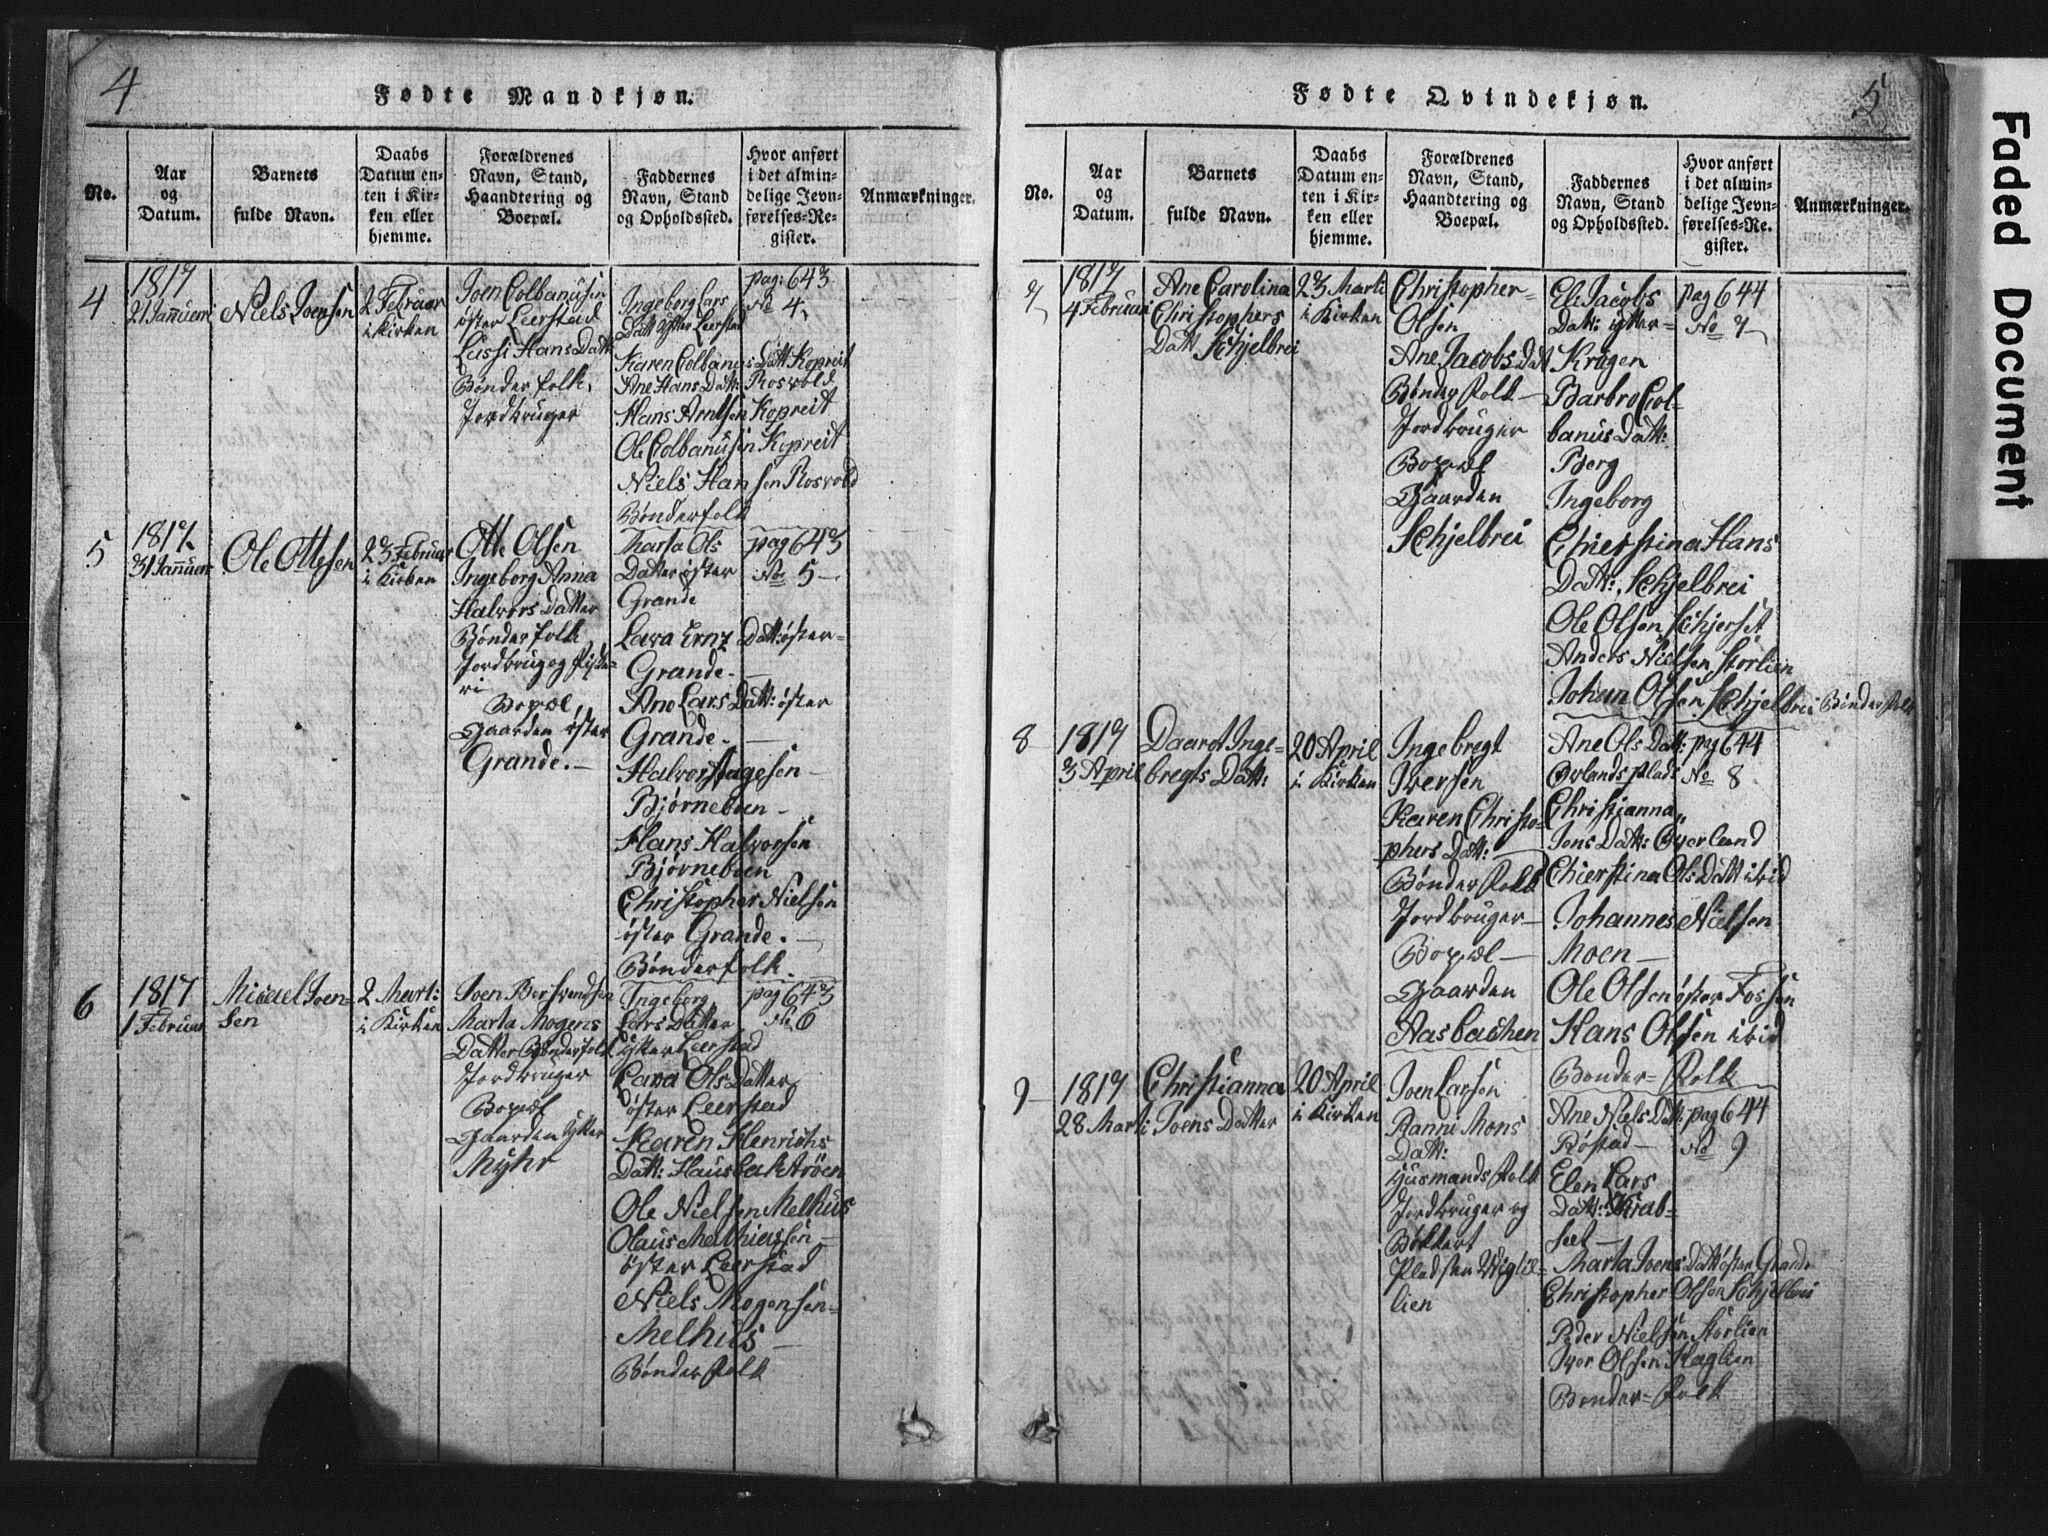 SAT, Ministerialprotokoller, klokkerbøker og fødselsregistre - Nord-Trøndelag, 701/L0017: Klokkerbok nr. 701C01, 1817-1825, s. 4-5